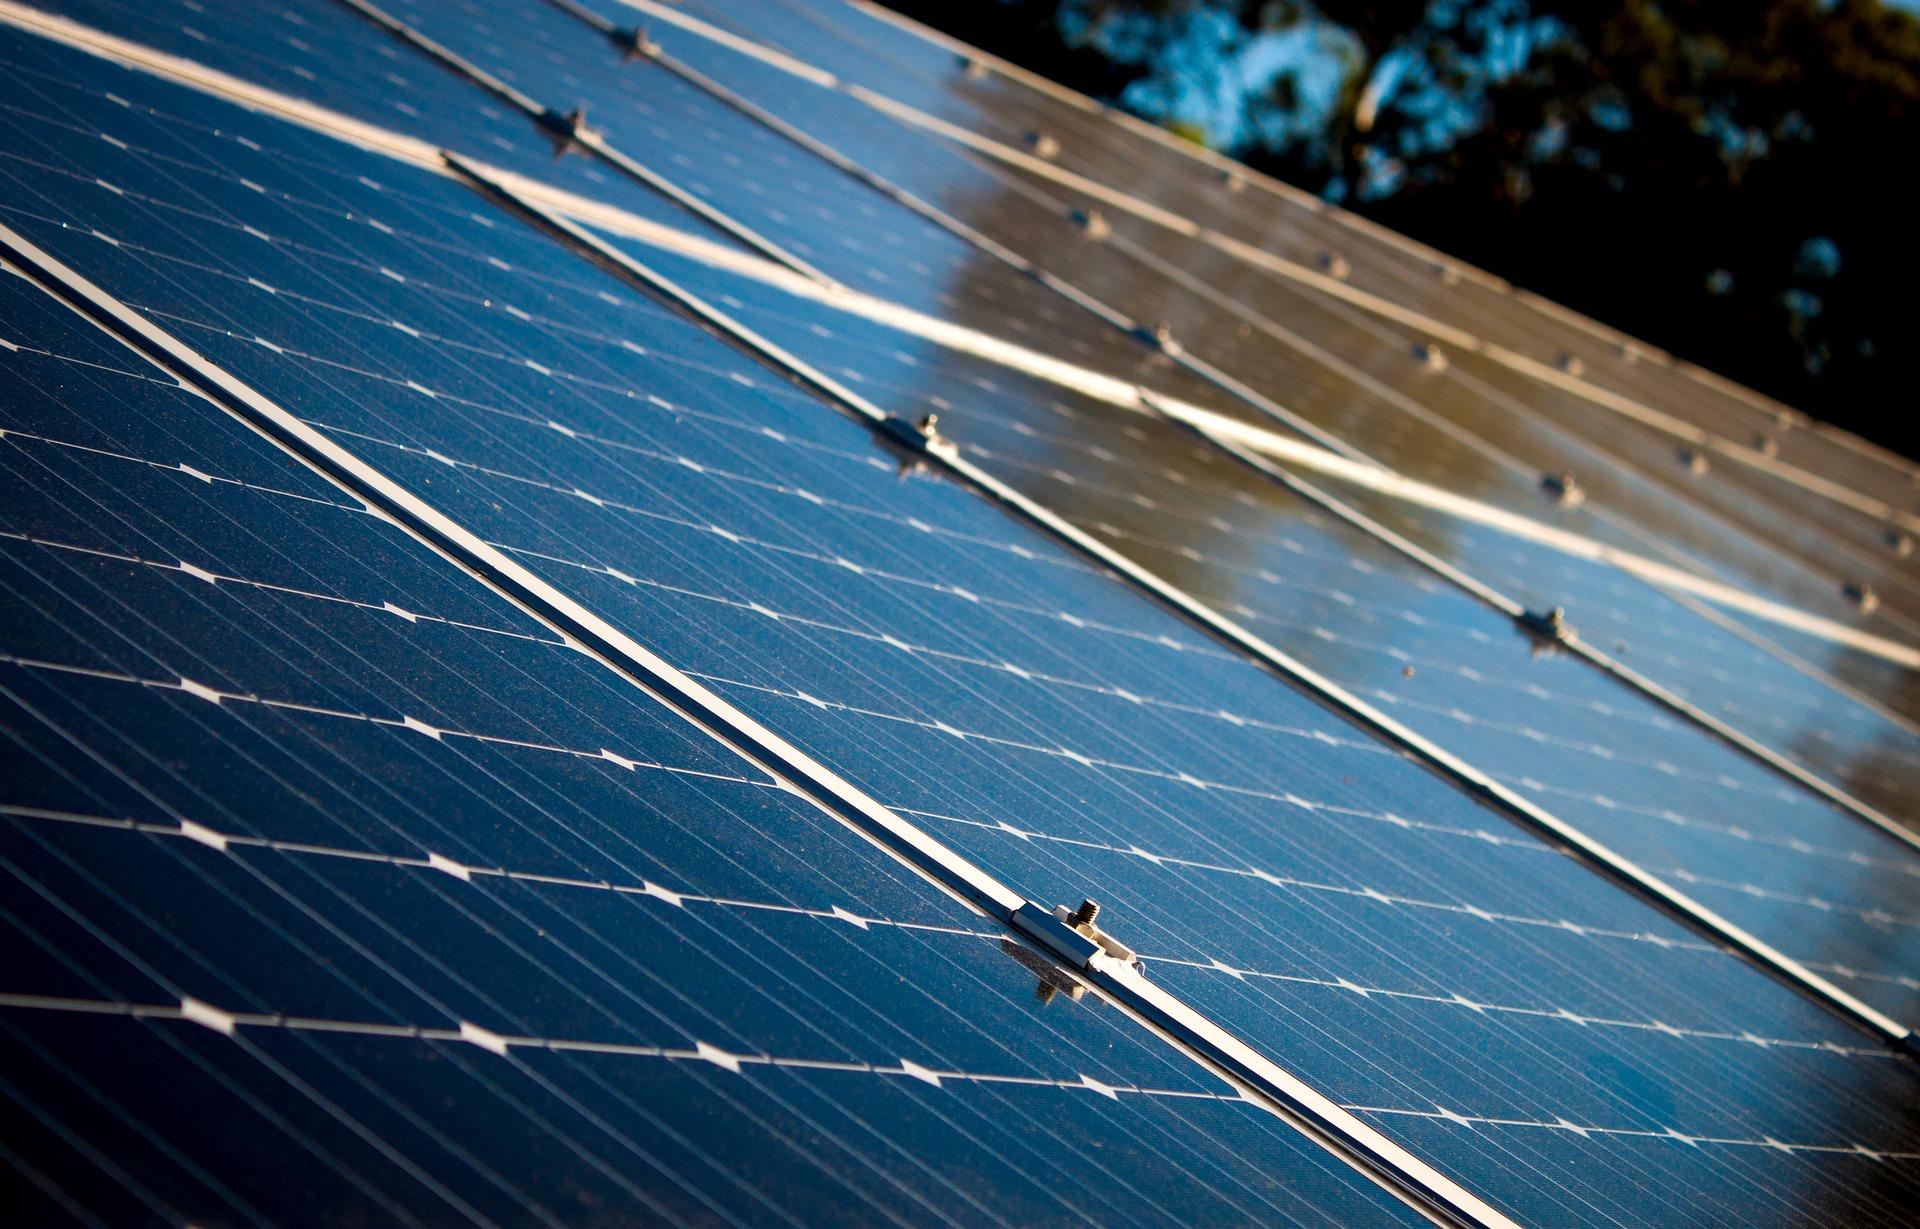 Energia solar na retomada econômica - Elysia sistema fotovoltaico RS